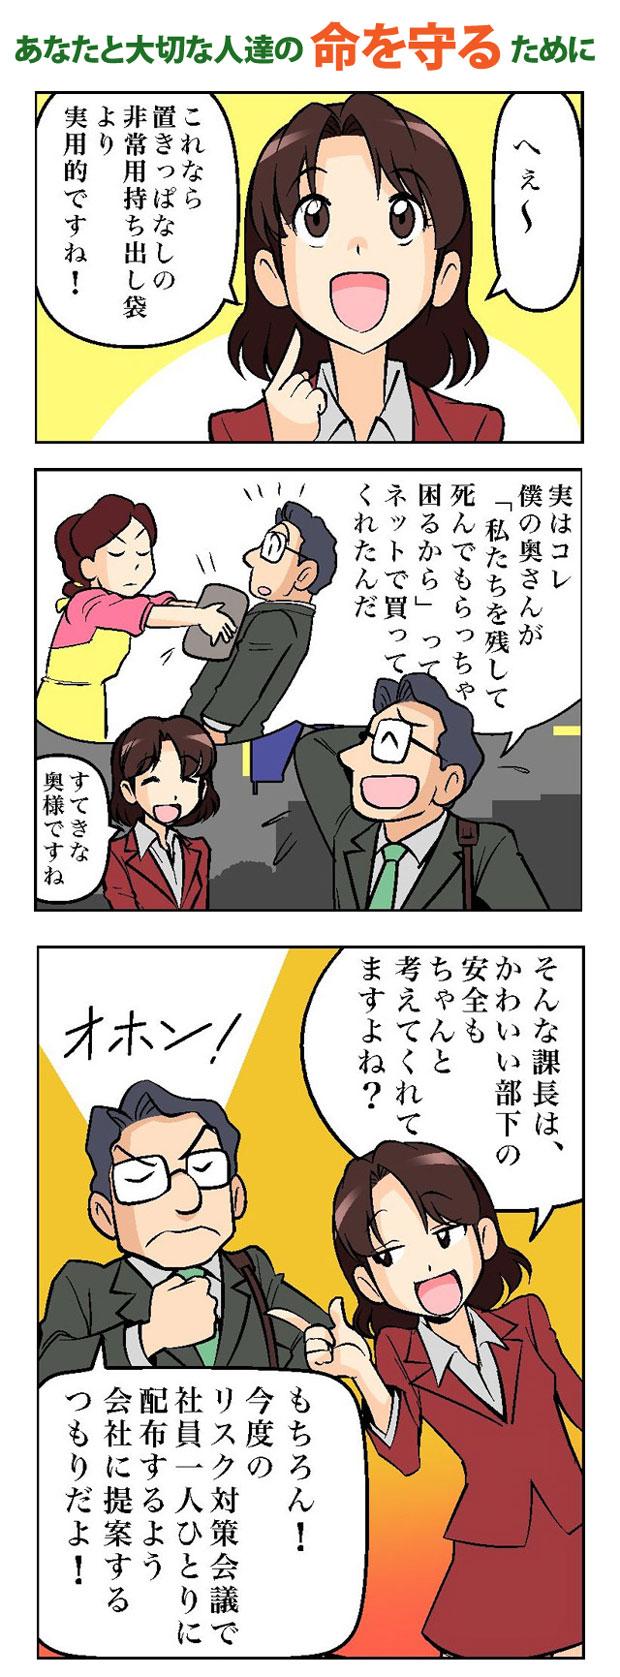 モバイル防災グッズ09